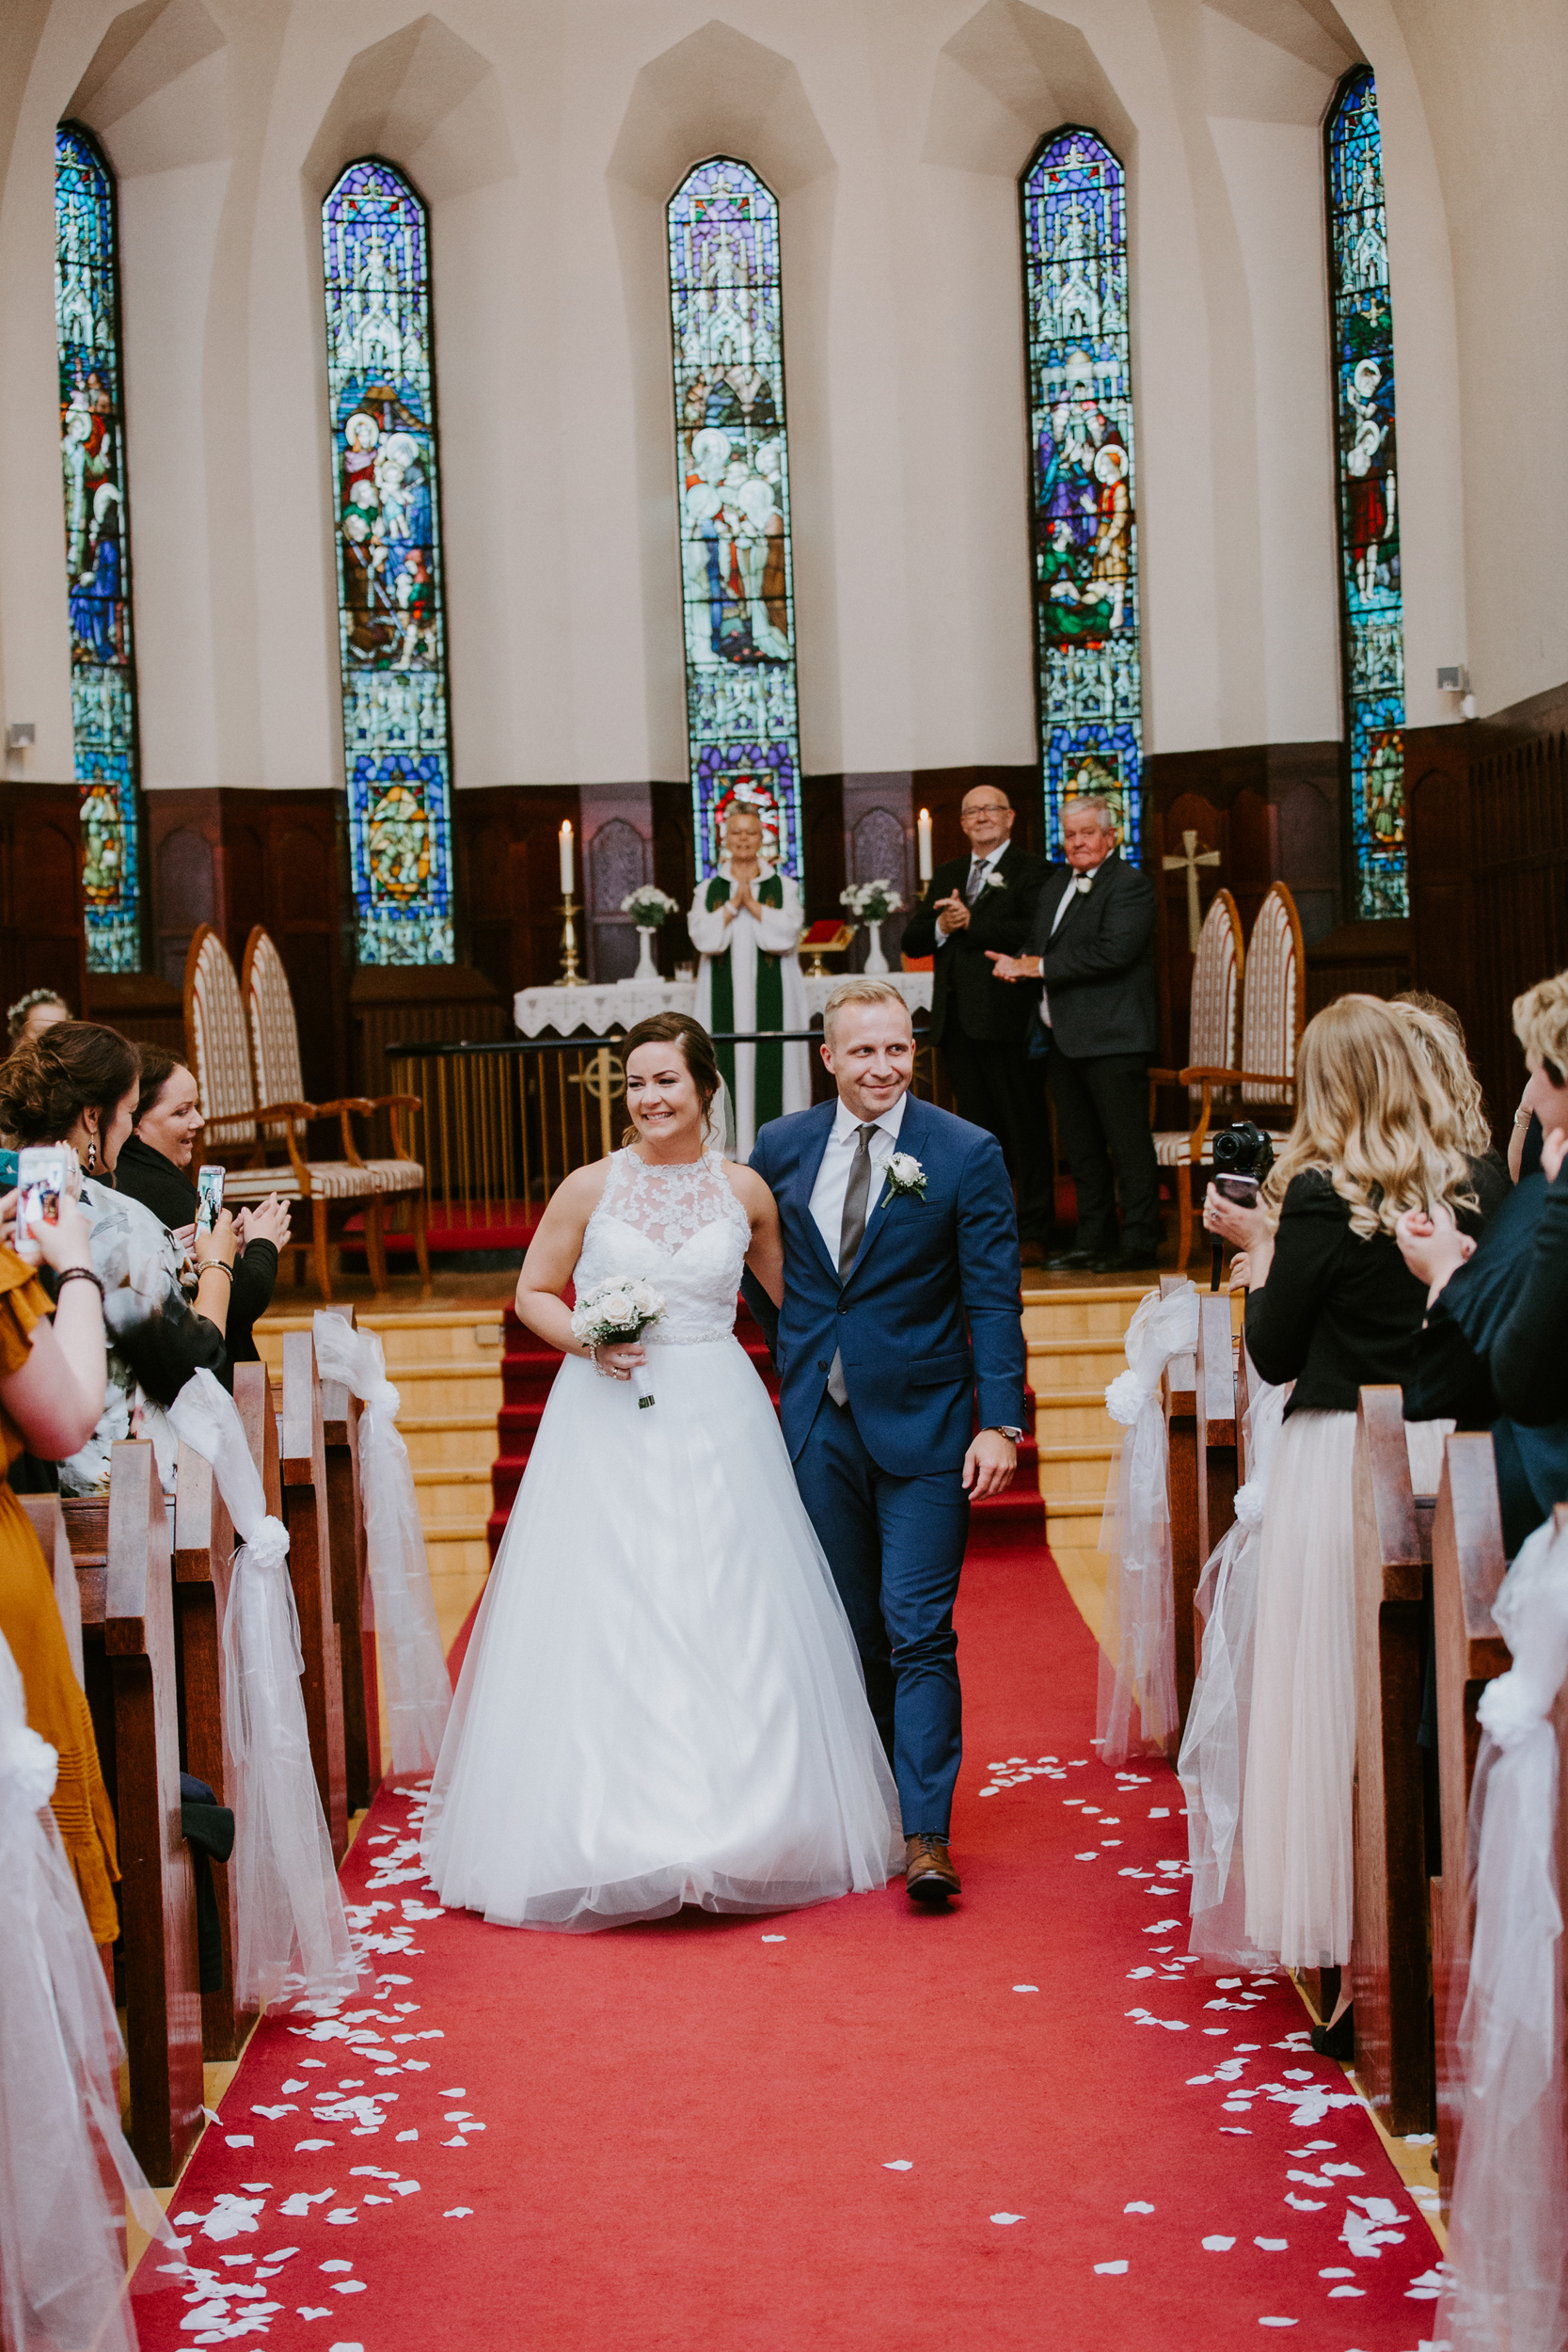 Brudkaup01-070.jpg